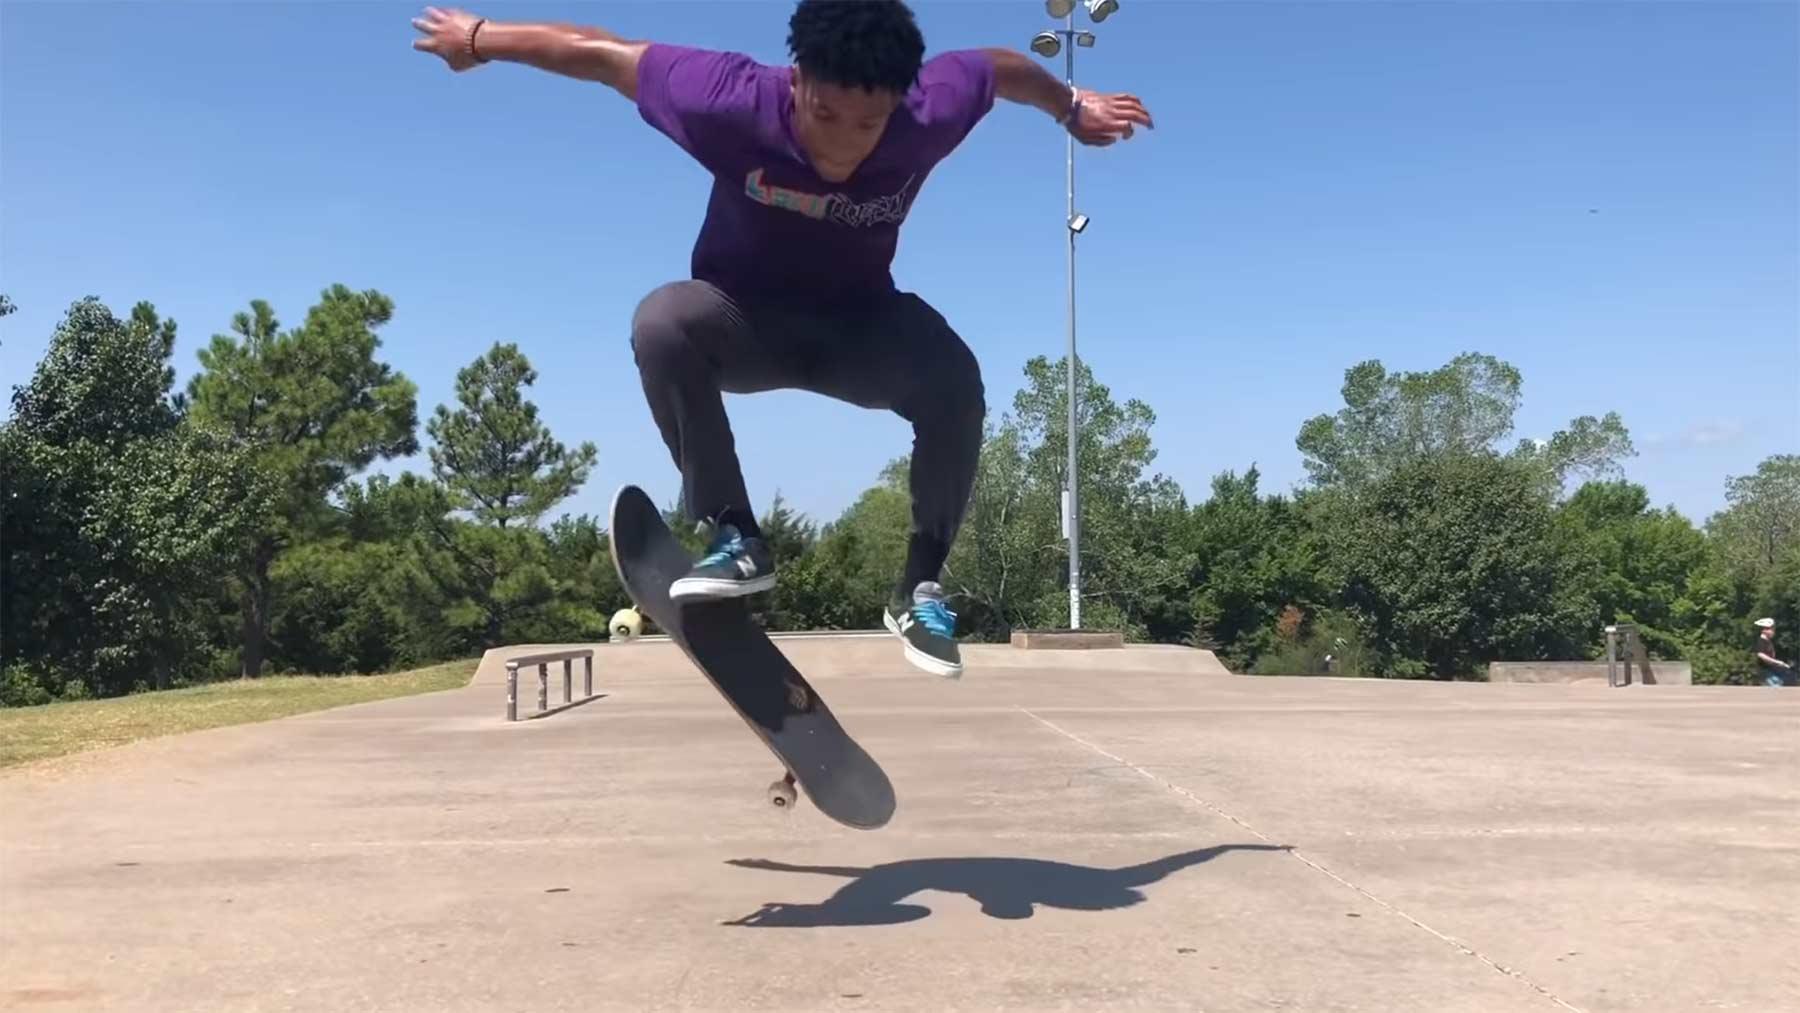 Ein Jahr Skateboard-Lernen in 7 Minuten skateboarden-lernen-1-jahr-fortschritt-im-video